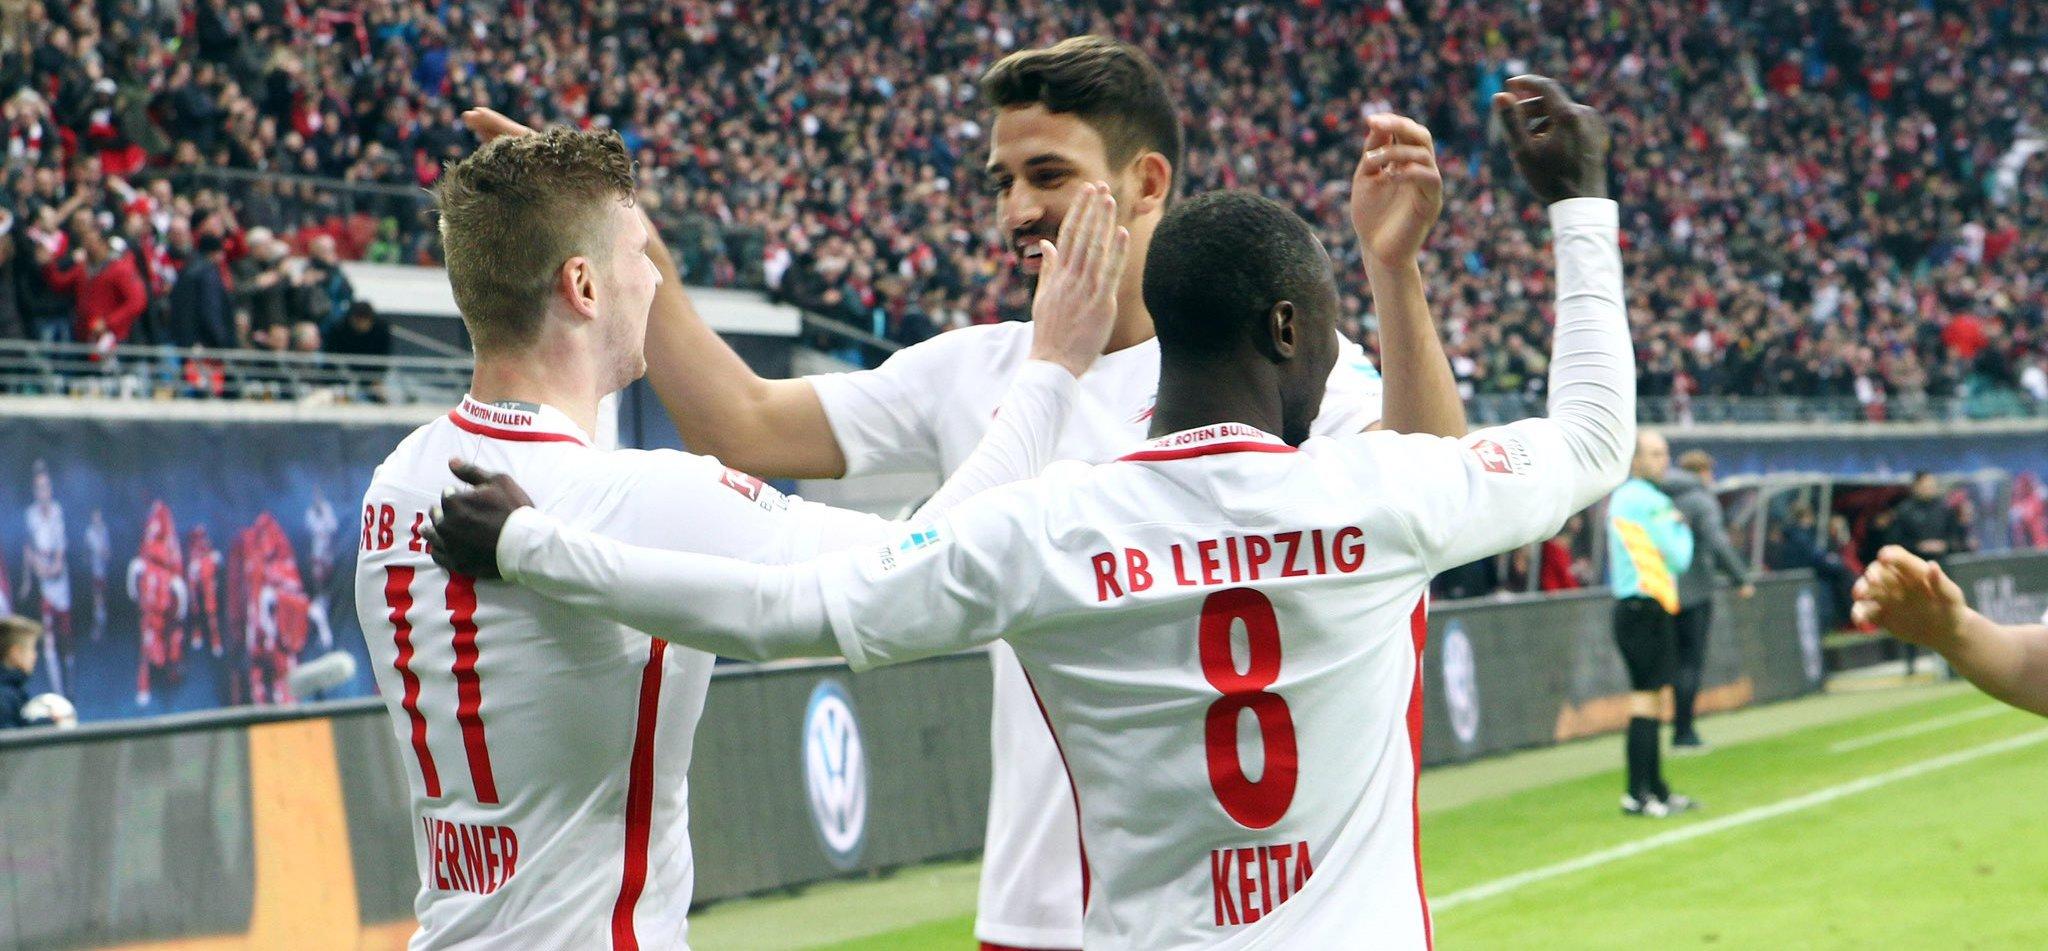 El Leipzig no falla y vence al Köln y presión al Bayern que tampoco falla contra el HSV